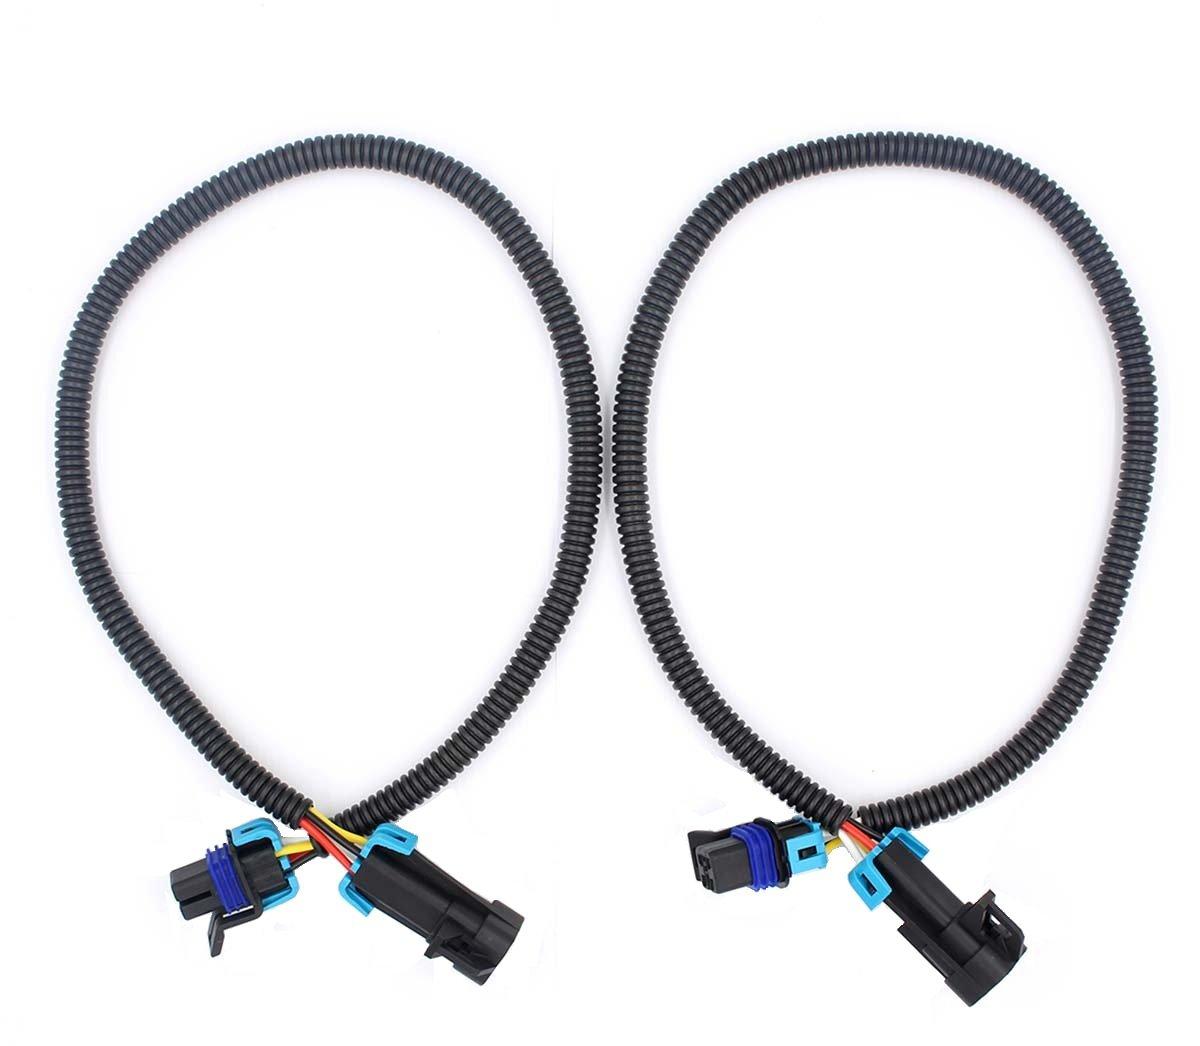 GooDeal 2pcs 24' LS1 Oxygen O2 Sensor Header Extension Wiring Harness for Camaro Firebird